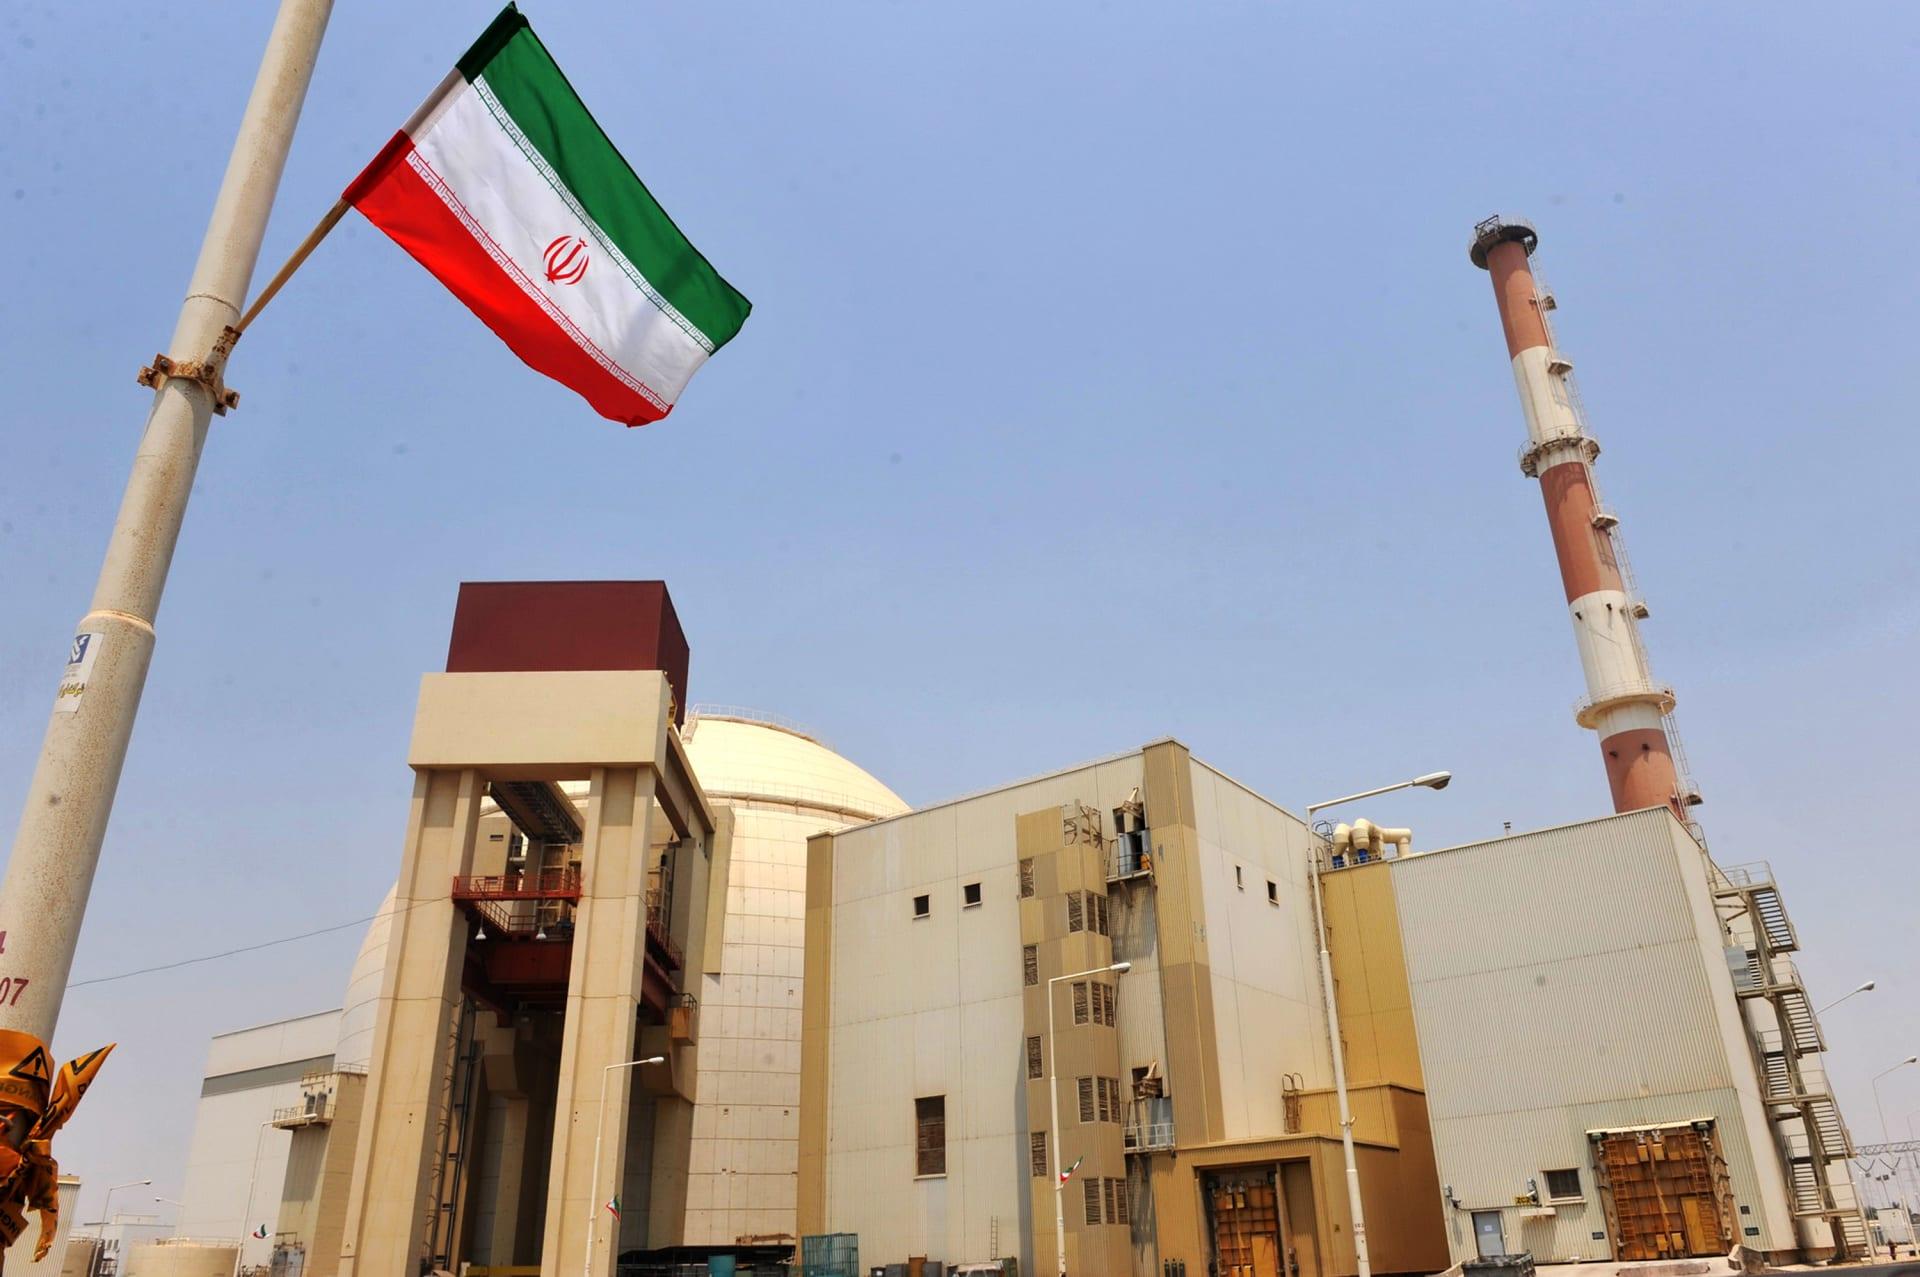 الرئيس الجديد للموساد عن إيران: تسعى لامتلاك أسلحة دمار شامل تحت حماية دولية